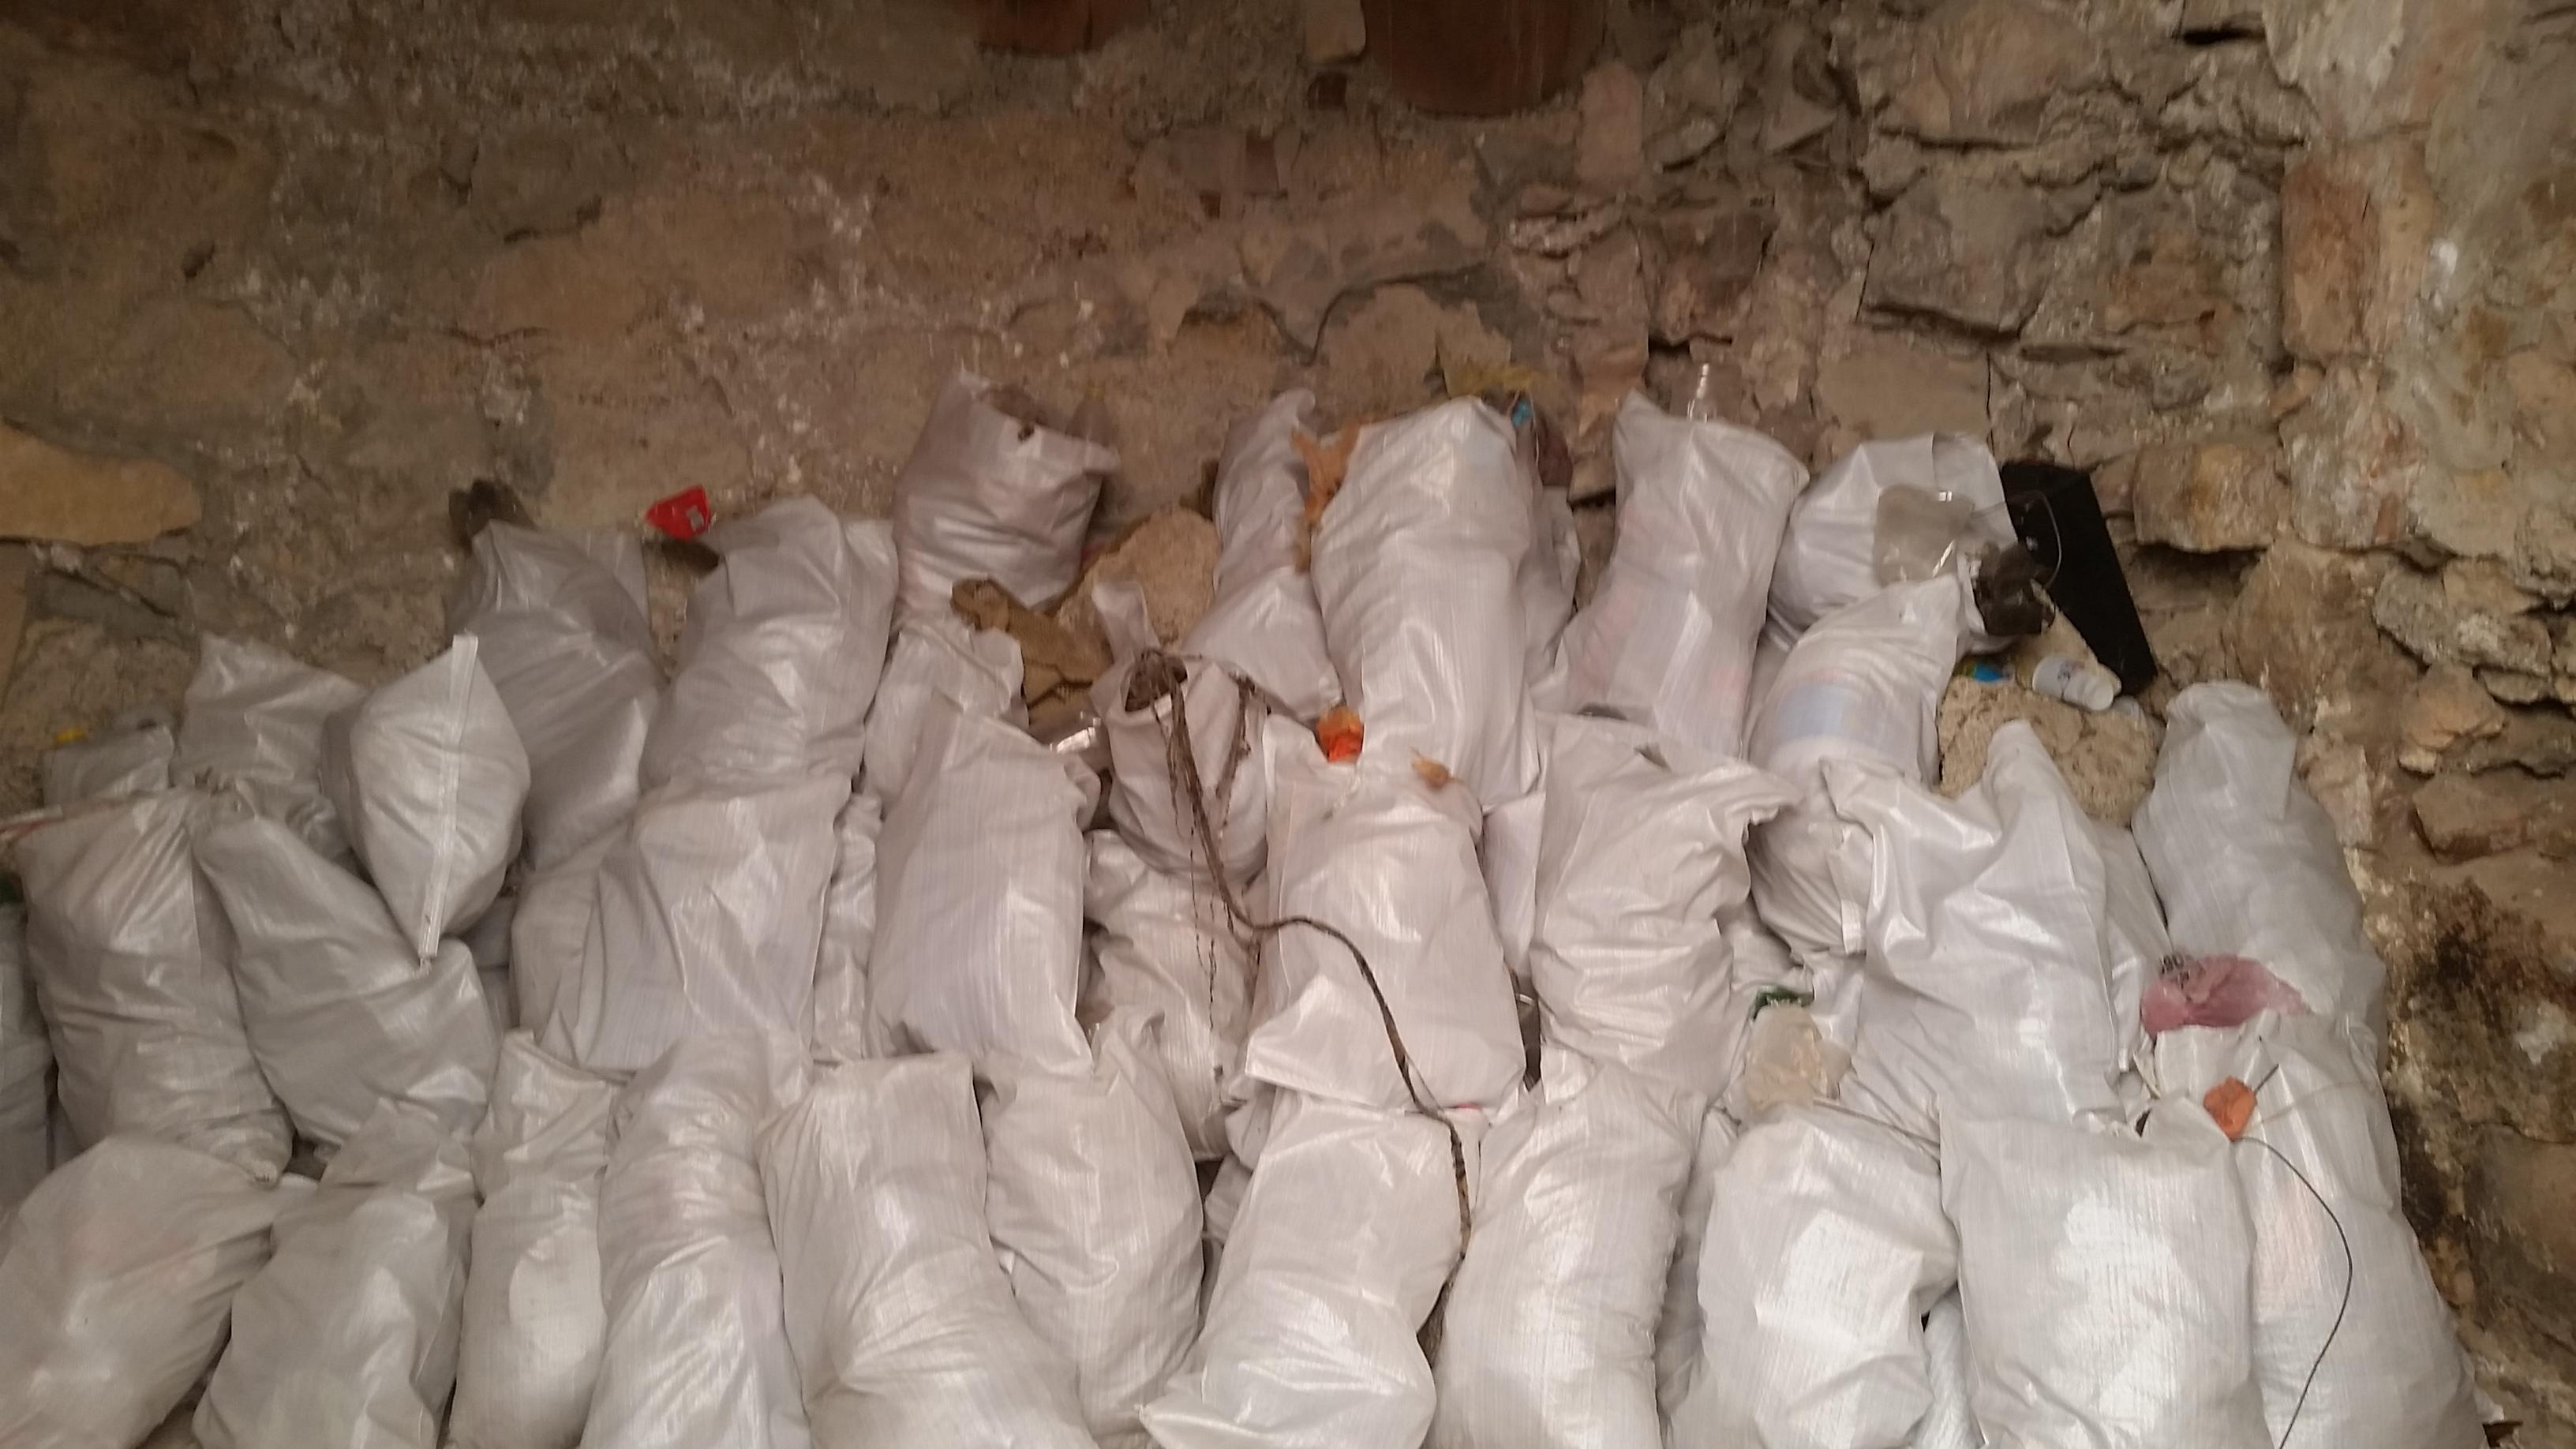 Alot of bags full of trash!